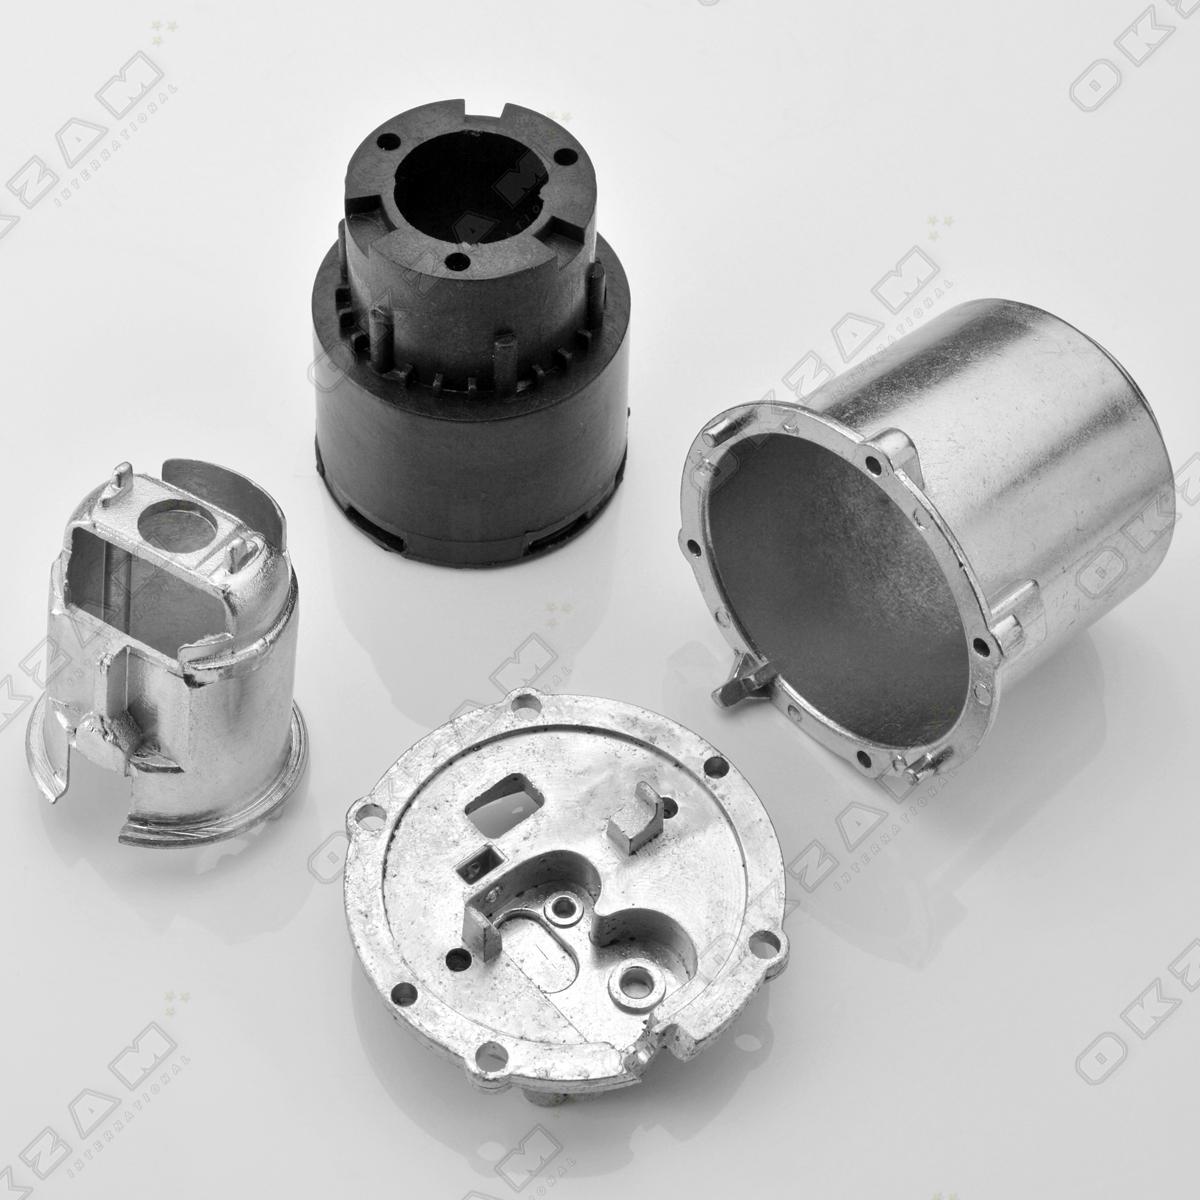 Exterior mirror repair kit for folding 3 socket plate for Mirror repair kit